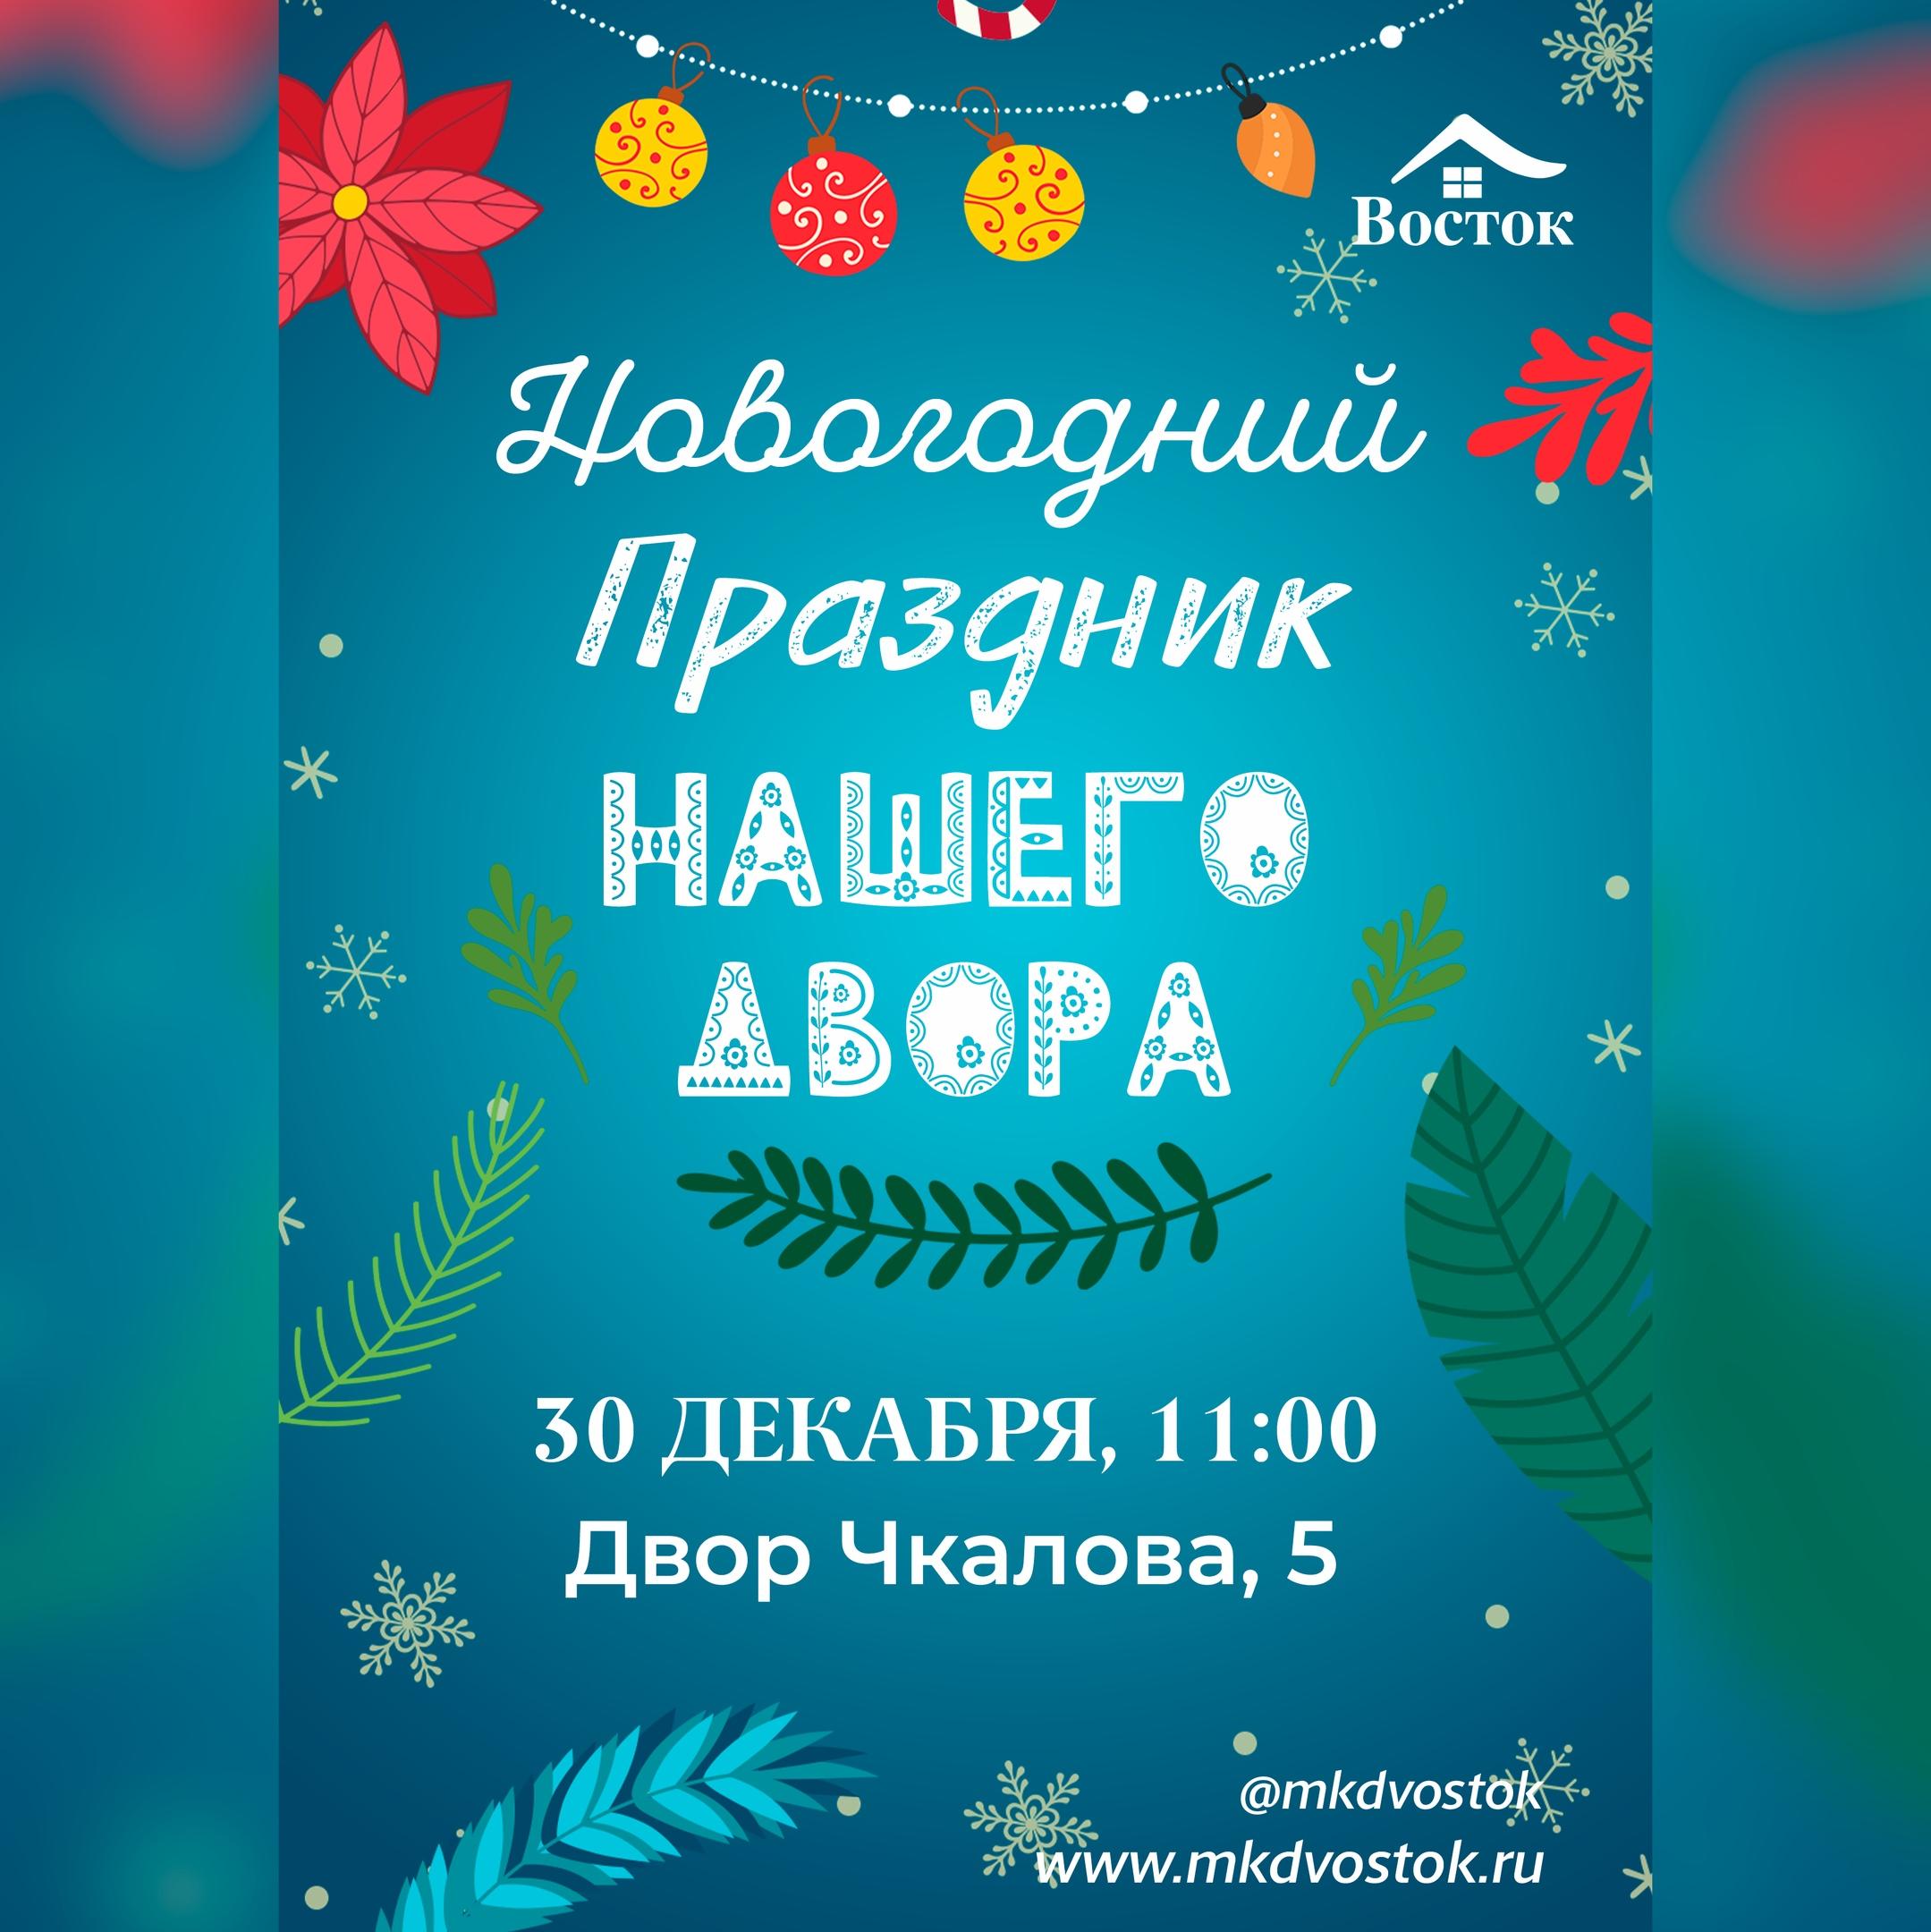 Приглашаем посетить Новогодний Праздник нашего двора